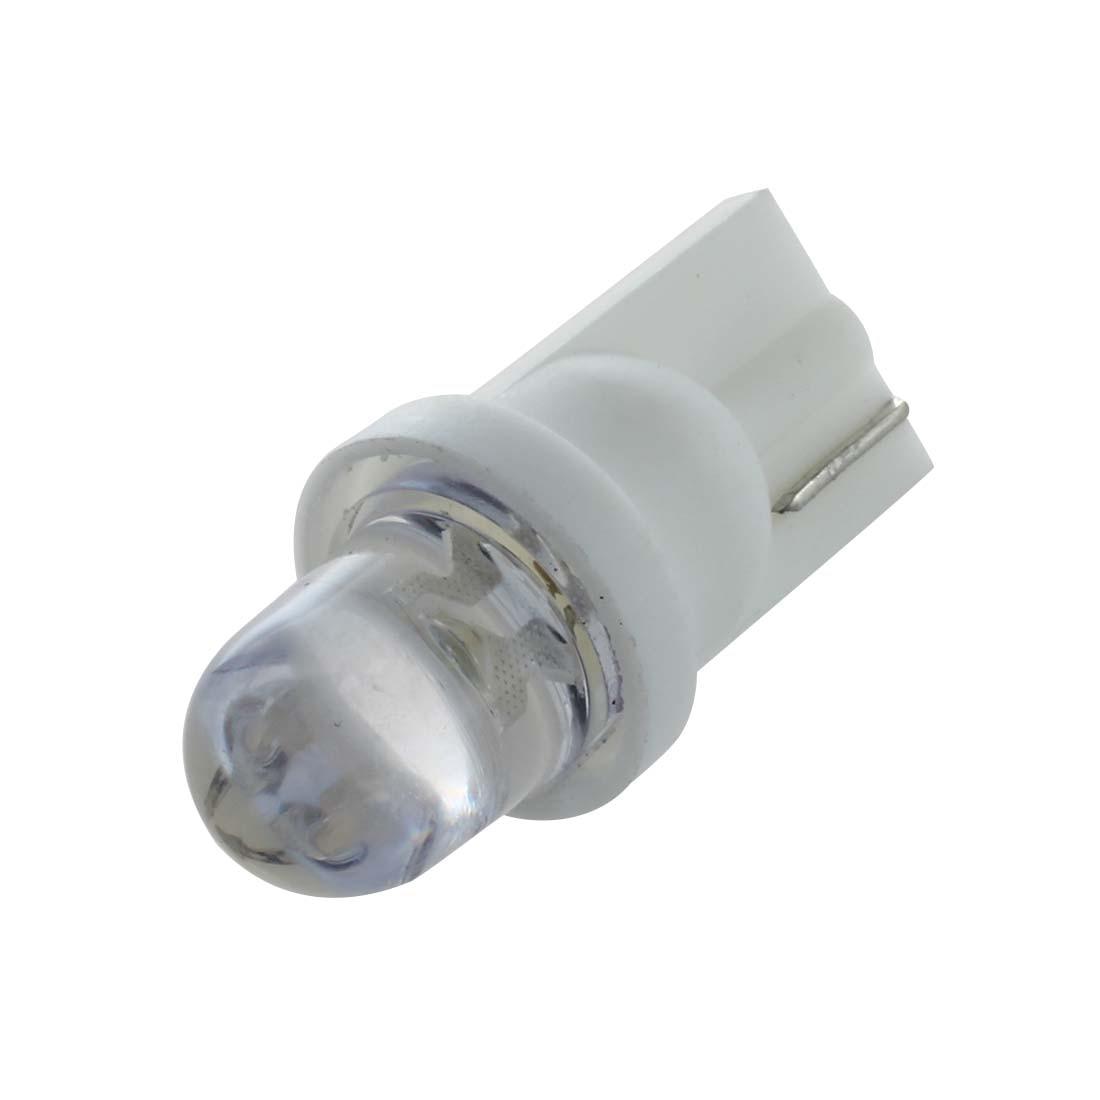 10x W5w Led Nightlight Bulb T10 2825 158 168 194 Xenon Weiße Decke Wirkung Unterscheidungskraft FüR Seine Traditionellen Eigenschaften Xenon Lampen